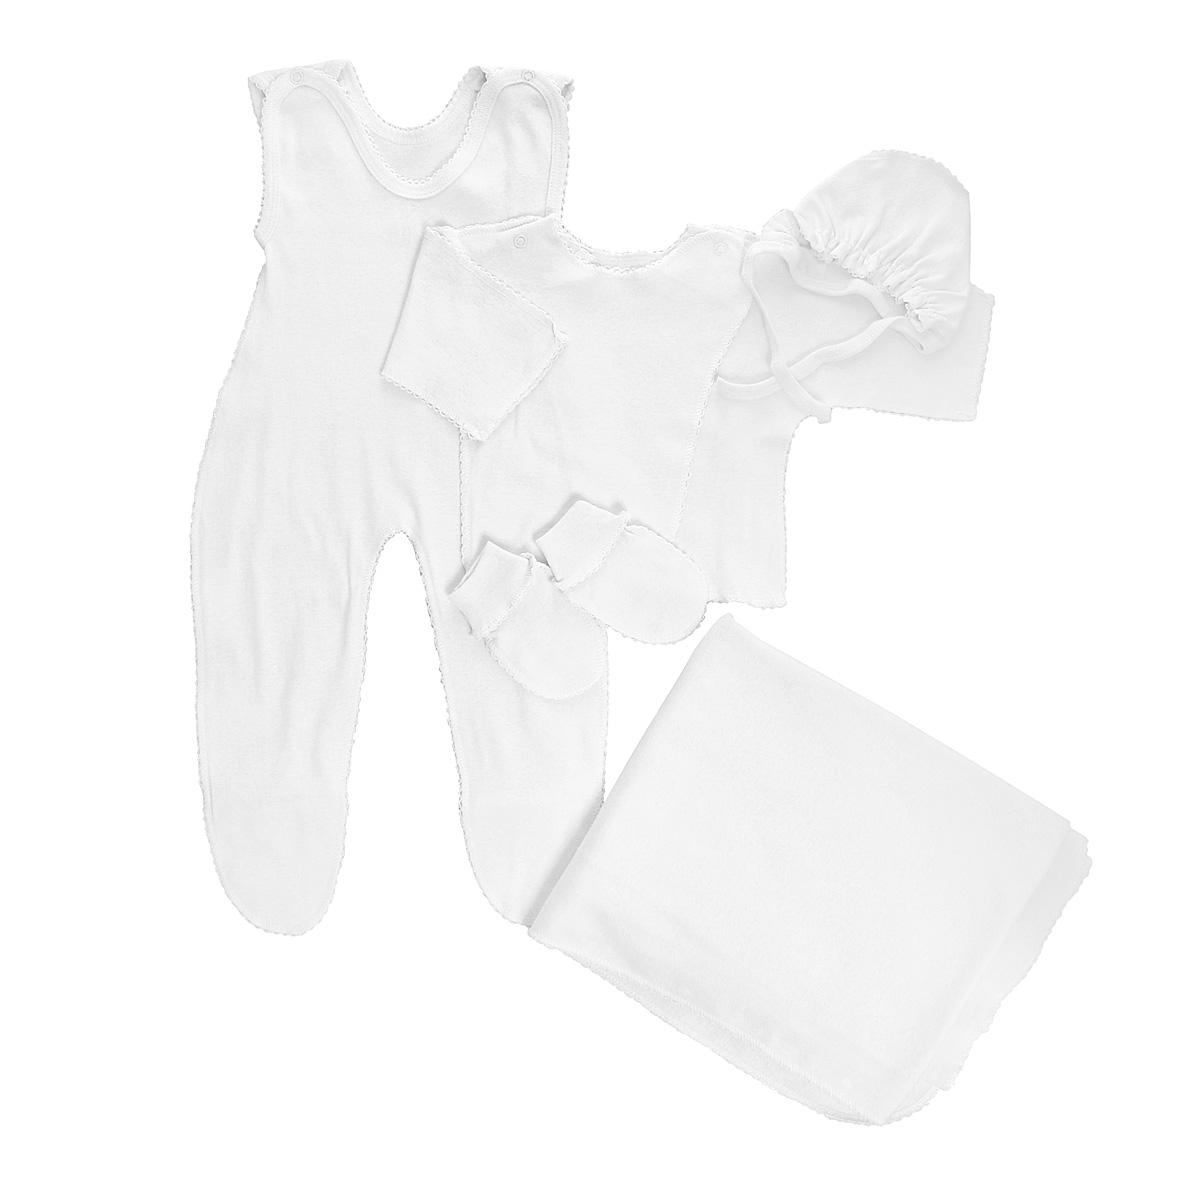 Комплект для новорожденного Трон-Плюс, 5 предметов, цвет: белый. 7127. Размер 56, 1 месяц7127Комплект для новорожденного Трон-плюс - это замечательный подарок, который прекрасно подойдет для первых дней жизни малыша. Комплект состоит из ползунков с грудкой и закрытыми ножками, распашонки, чепчика, рукавичек и пеленки. Комплект изготовлен из натурального хлопка, благодаря чему он необычайно мягкий и приятный на ощупь, не сковывает движения младенца и позволяет коже дышать, не раздражает даже самую нежную и чувствительную кожу ребенка, обеспечивая ему наибольший комфорт. Распашонка с запахом, застегивается при помощи двух кнопок на плечах, которые позволяют без труда переодеть ребенка. Швы выполнены наружу и обработаны ажурными петельками. Ползунки с закрытыми ножками, застегивающиеся сверху на две кнопочки, идеально подойдут вашему ребенку, обеспечивая ему наибольший комфорт. Подходят для ношения с подгузником и без него. Мягкий чепчик с завязочками защищает еще не заросший родничок, щадит чувствительный слух малыша, прикрывая ушки, и предохраняет от теплопотерь. Дополнен чепчик мягкой эластичной сборкой. Рукавички обеспечат вашему малышу комфорт во время сна и бодрствования, предохраняя нежную кожу новорожденного от расцарапывания. Они дополнены широкой эластичной резинкой. Пеленка станет незаменимым помощником в деле ухода за ребенком. Элементы набора выполнены швами наружу и оформлены ажурными петельками. В таком комплекте ваш малыш будет чувствовать себя комфортно, уютно и всегда будет в центре внимания!